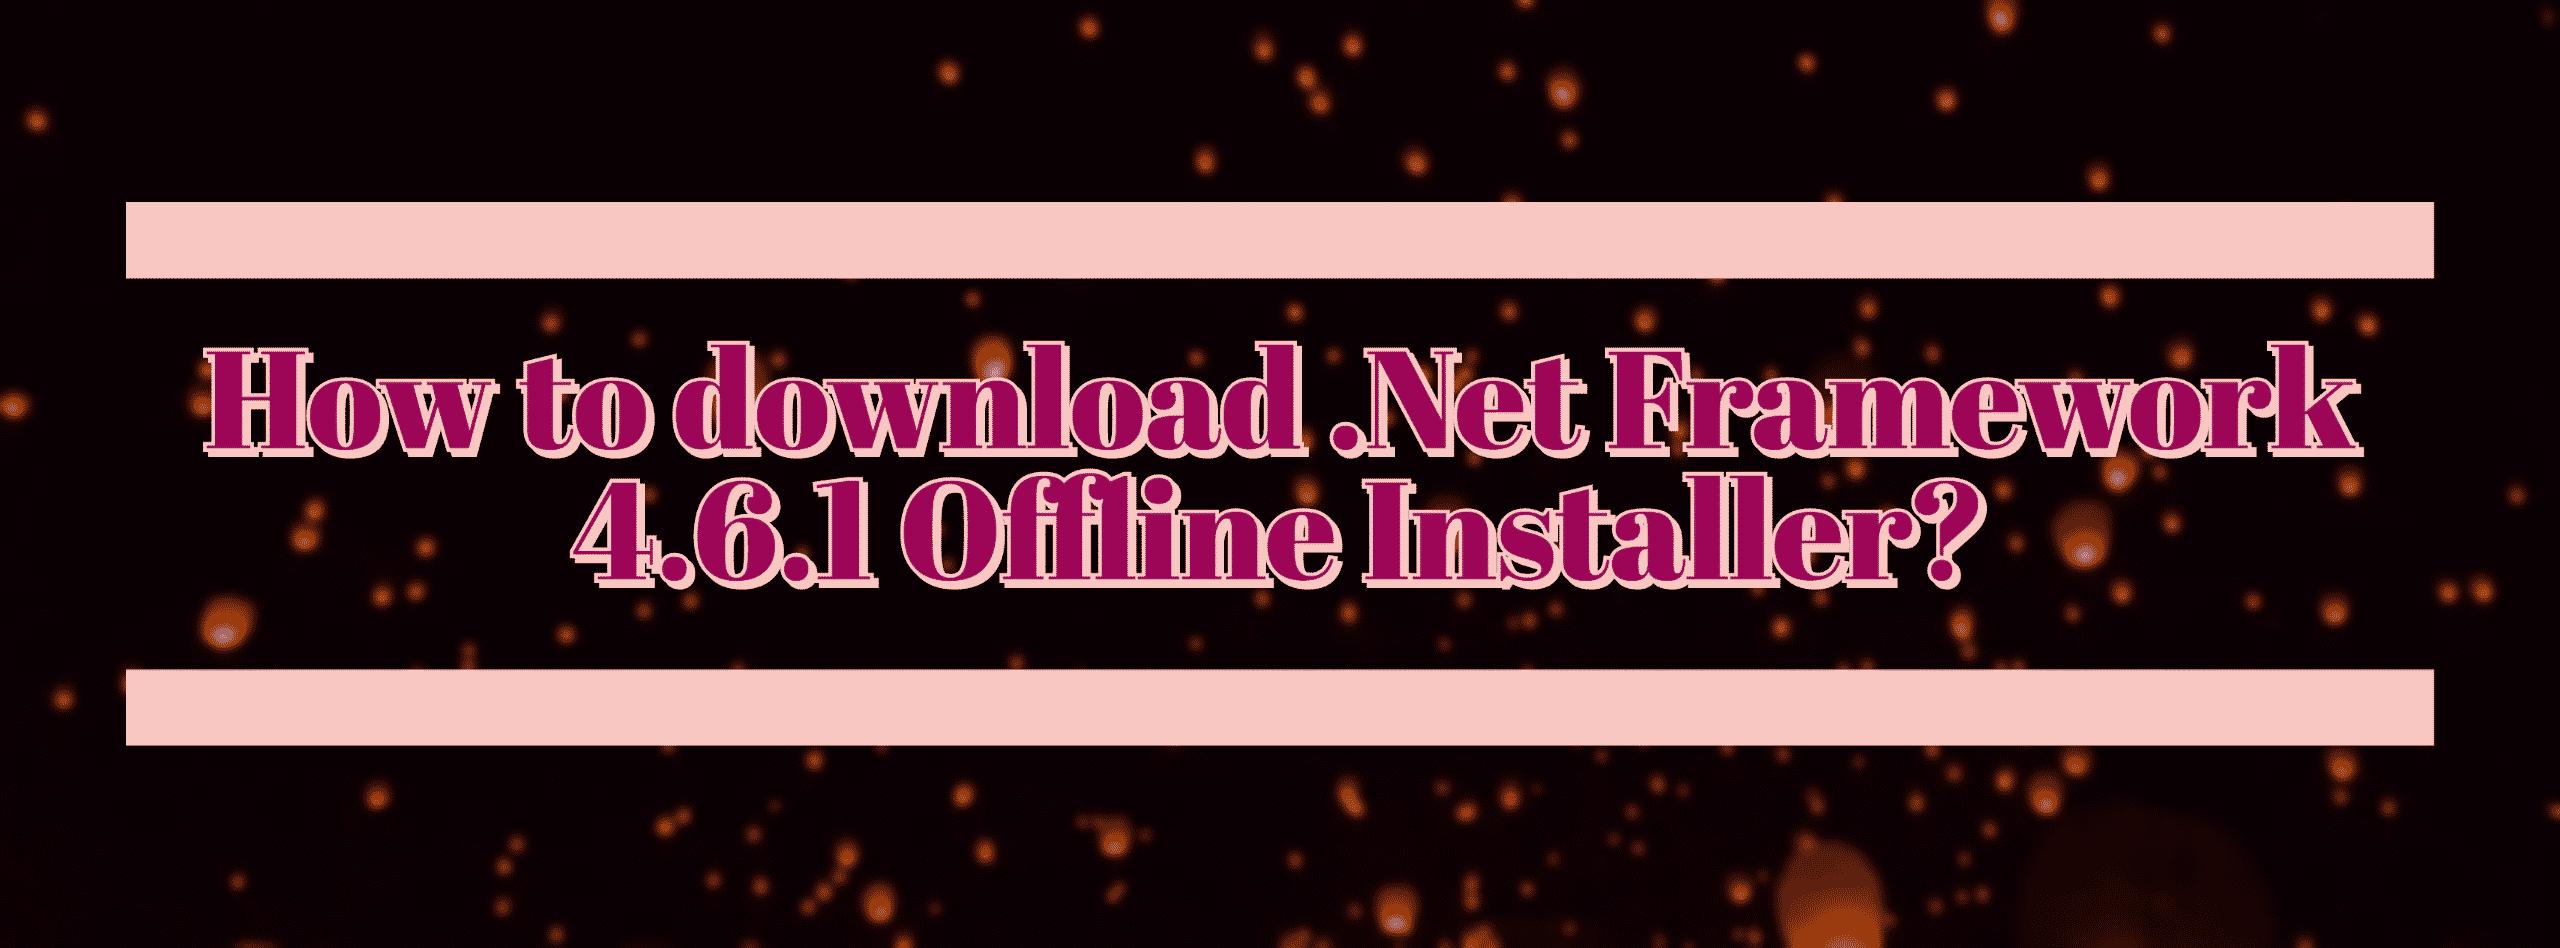 Net Framework 4.6.1